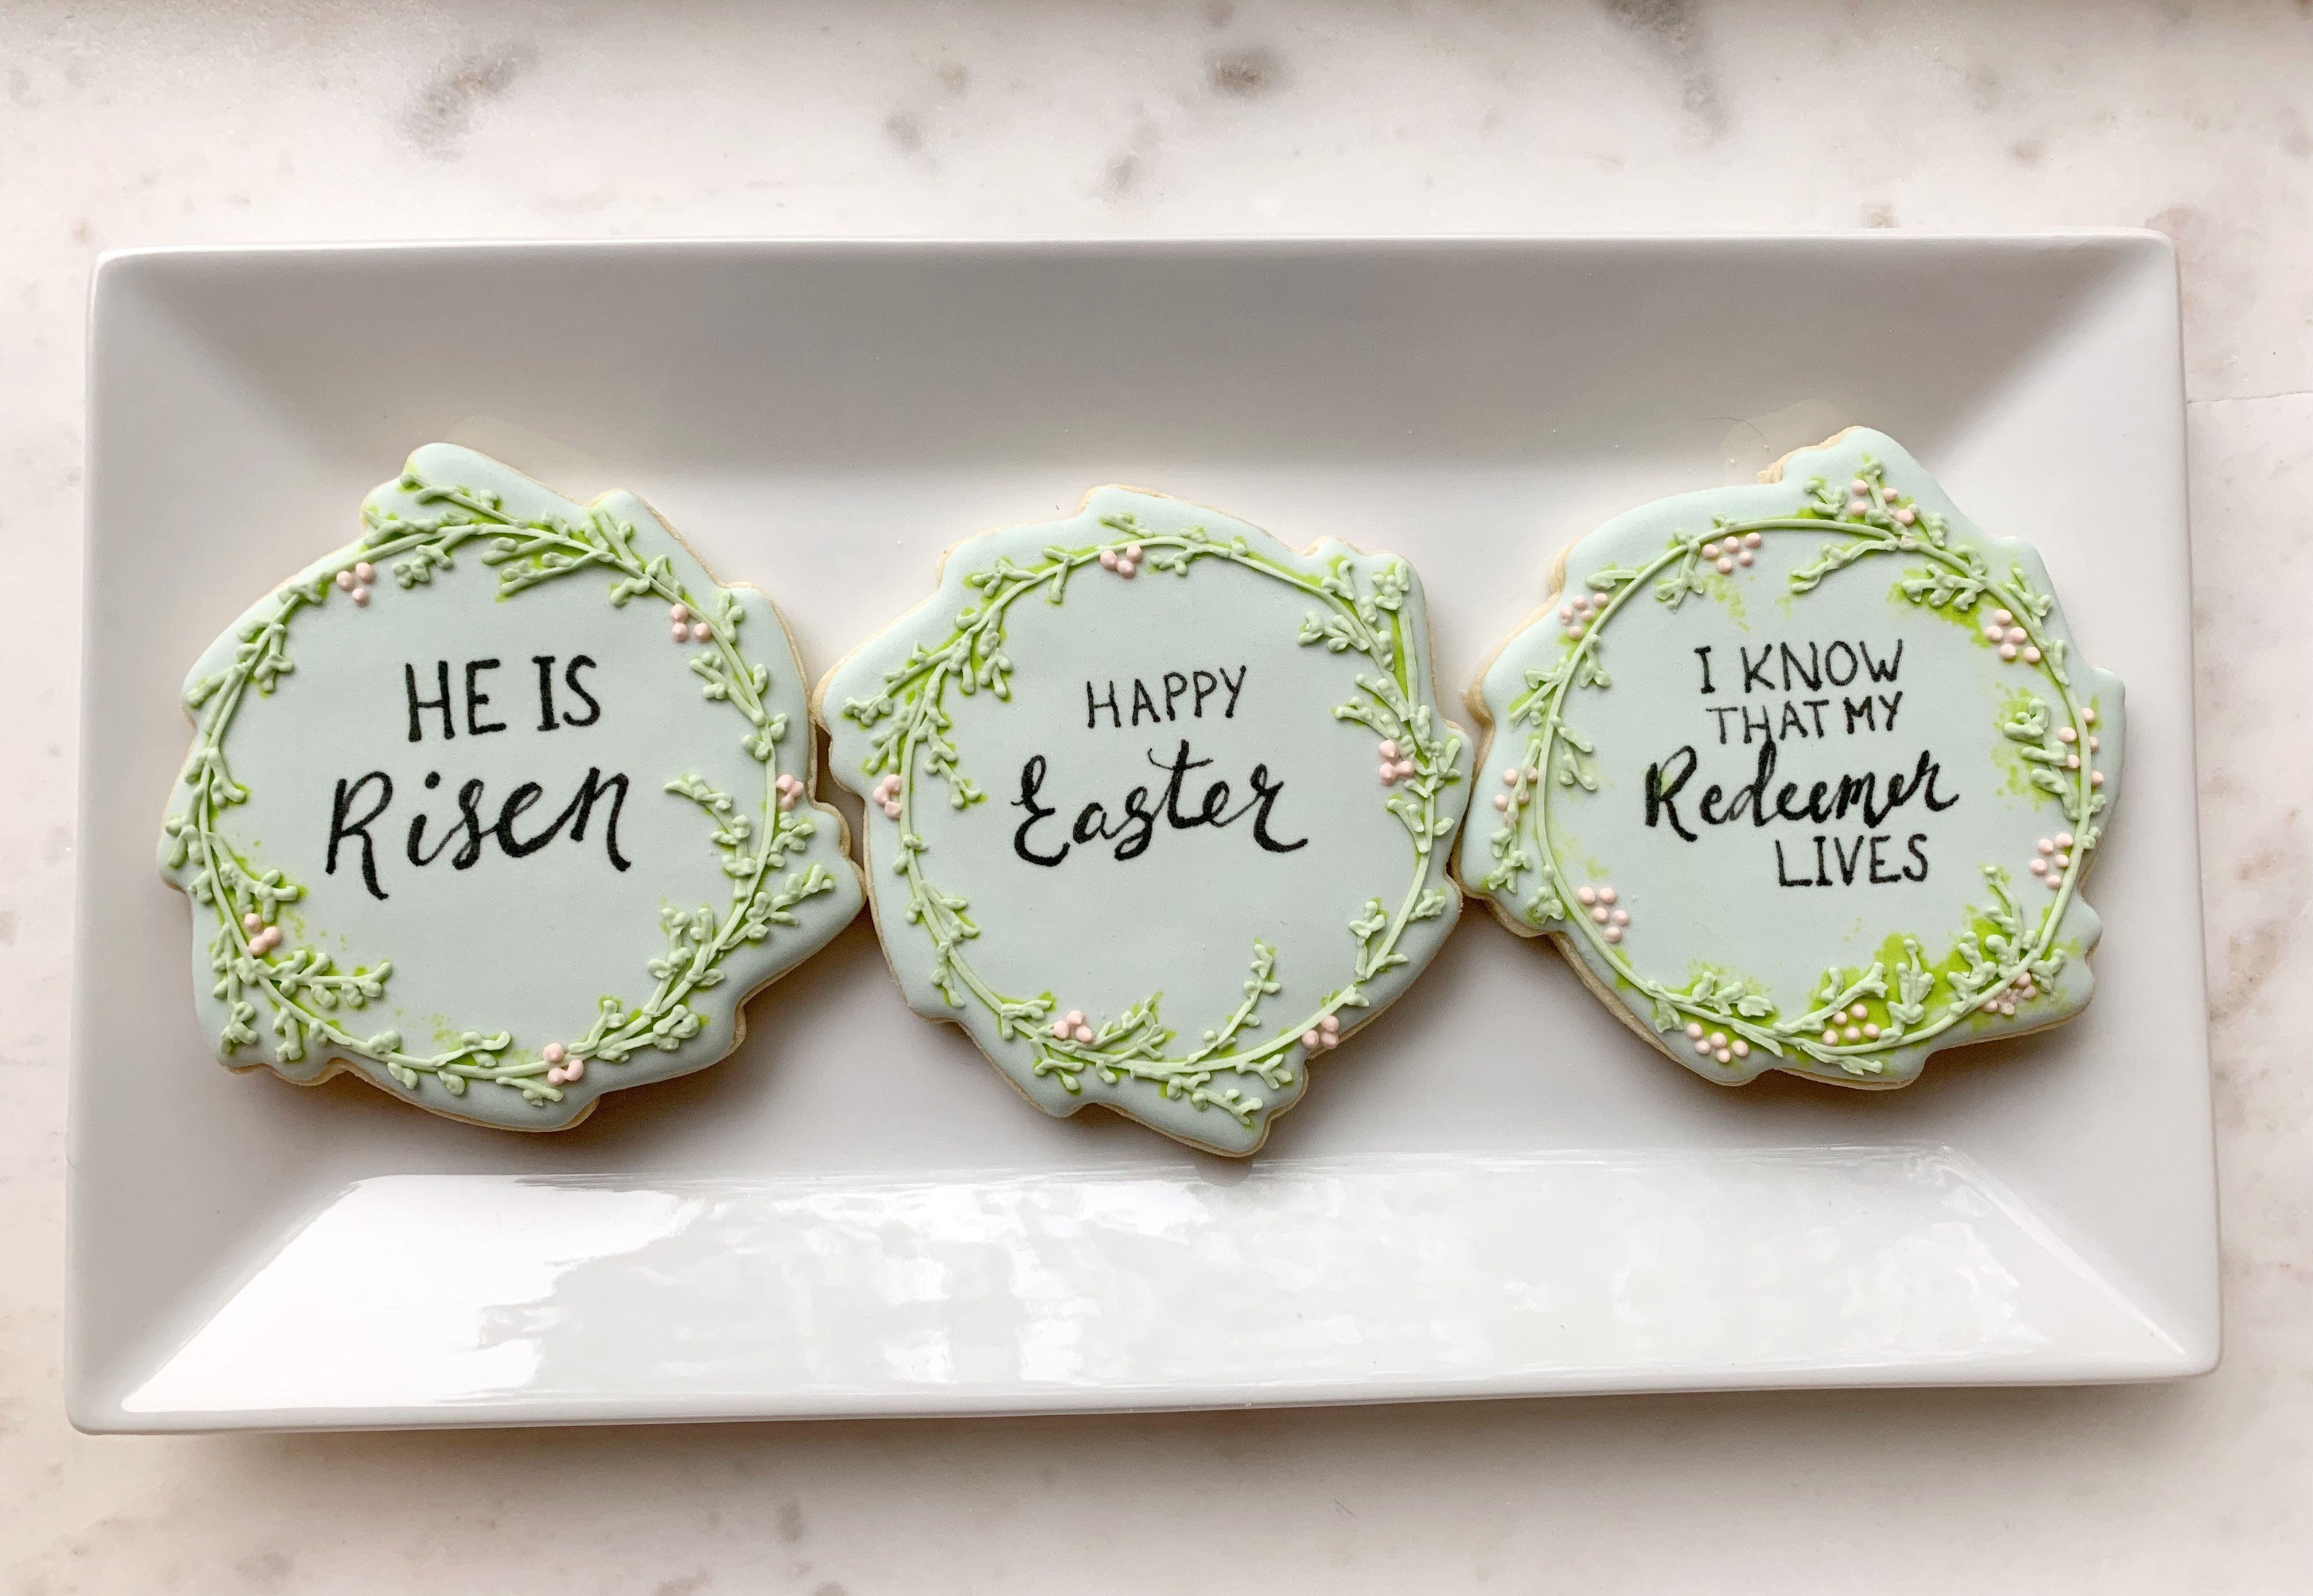 #eastercookies #decoratedcookies #decoratedsugarcookies #royalicingcookies